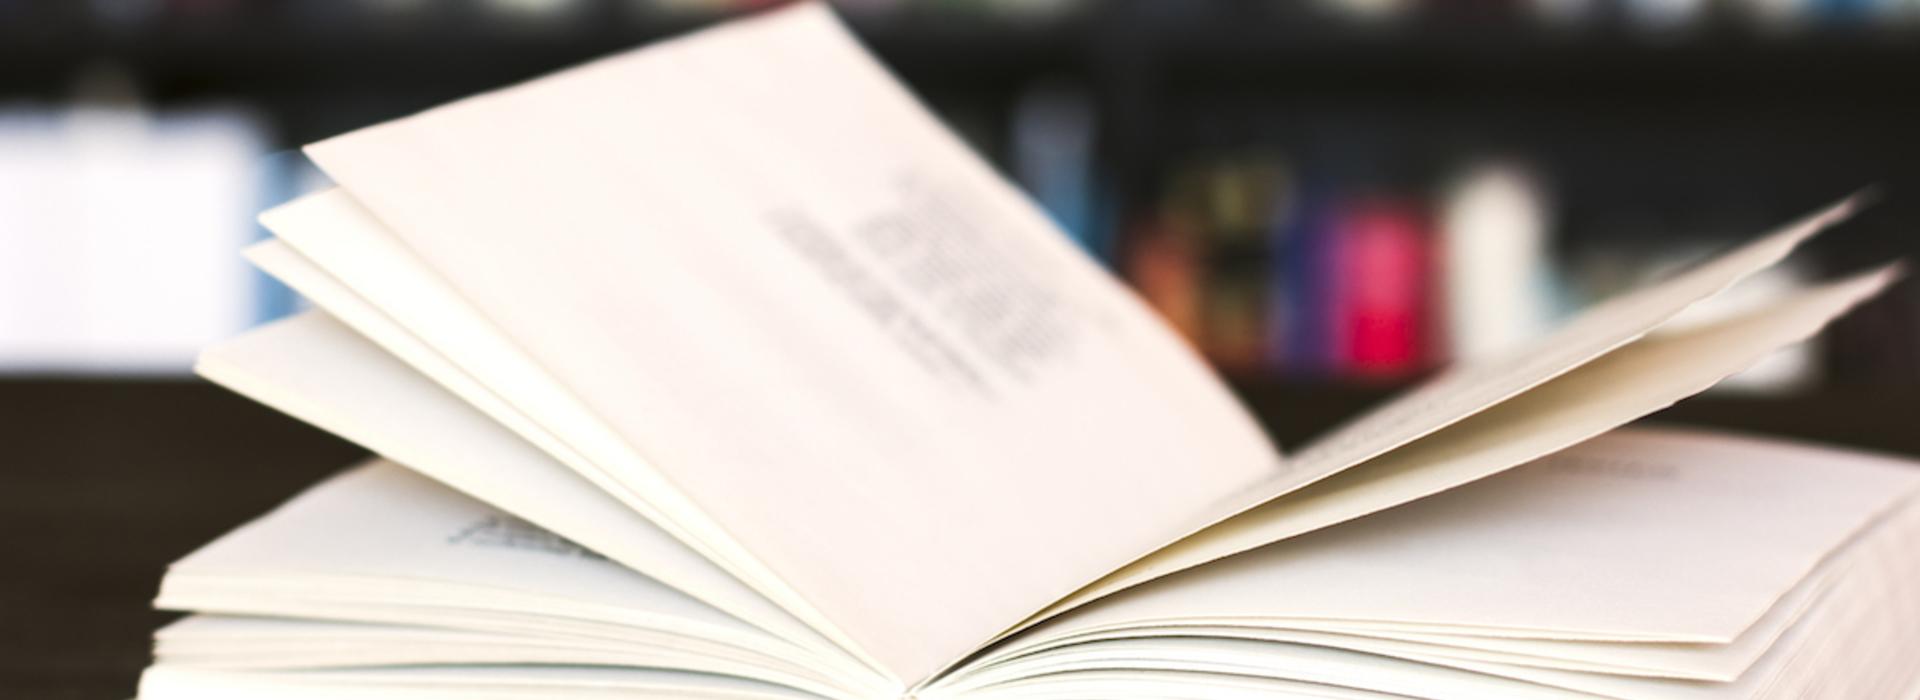 Справочно-библиографический отдел и читальный зал